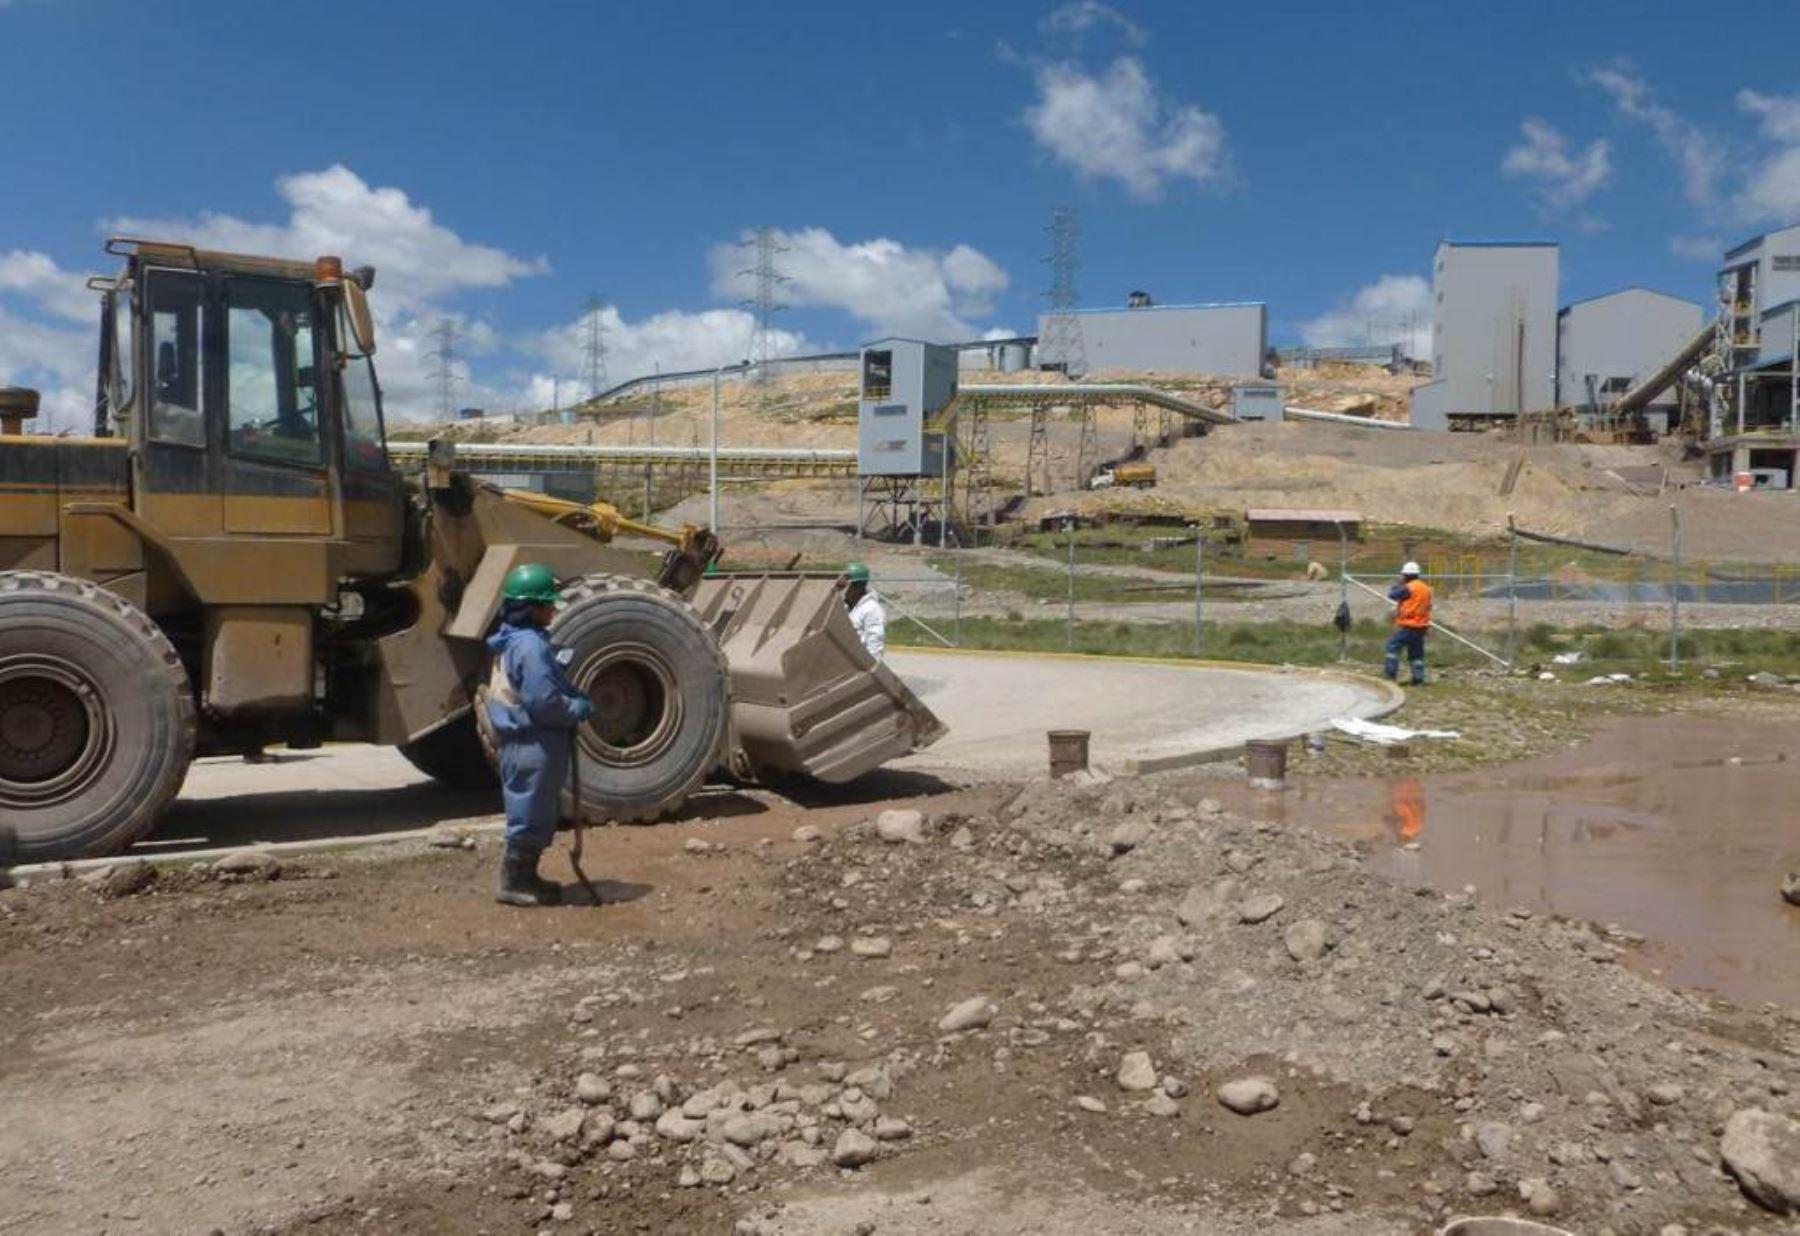 Desborde de relaves mineros afectaron pastizales en Pasco. Foto: ANDINA/Difusión